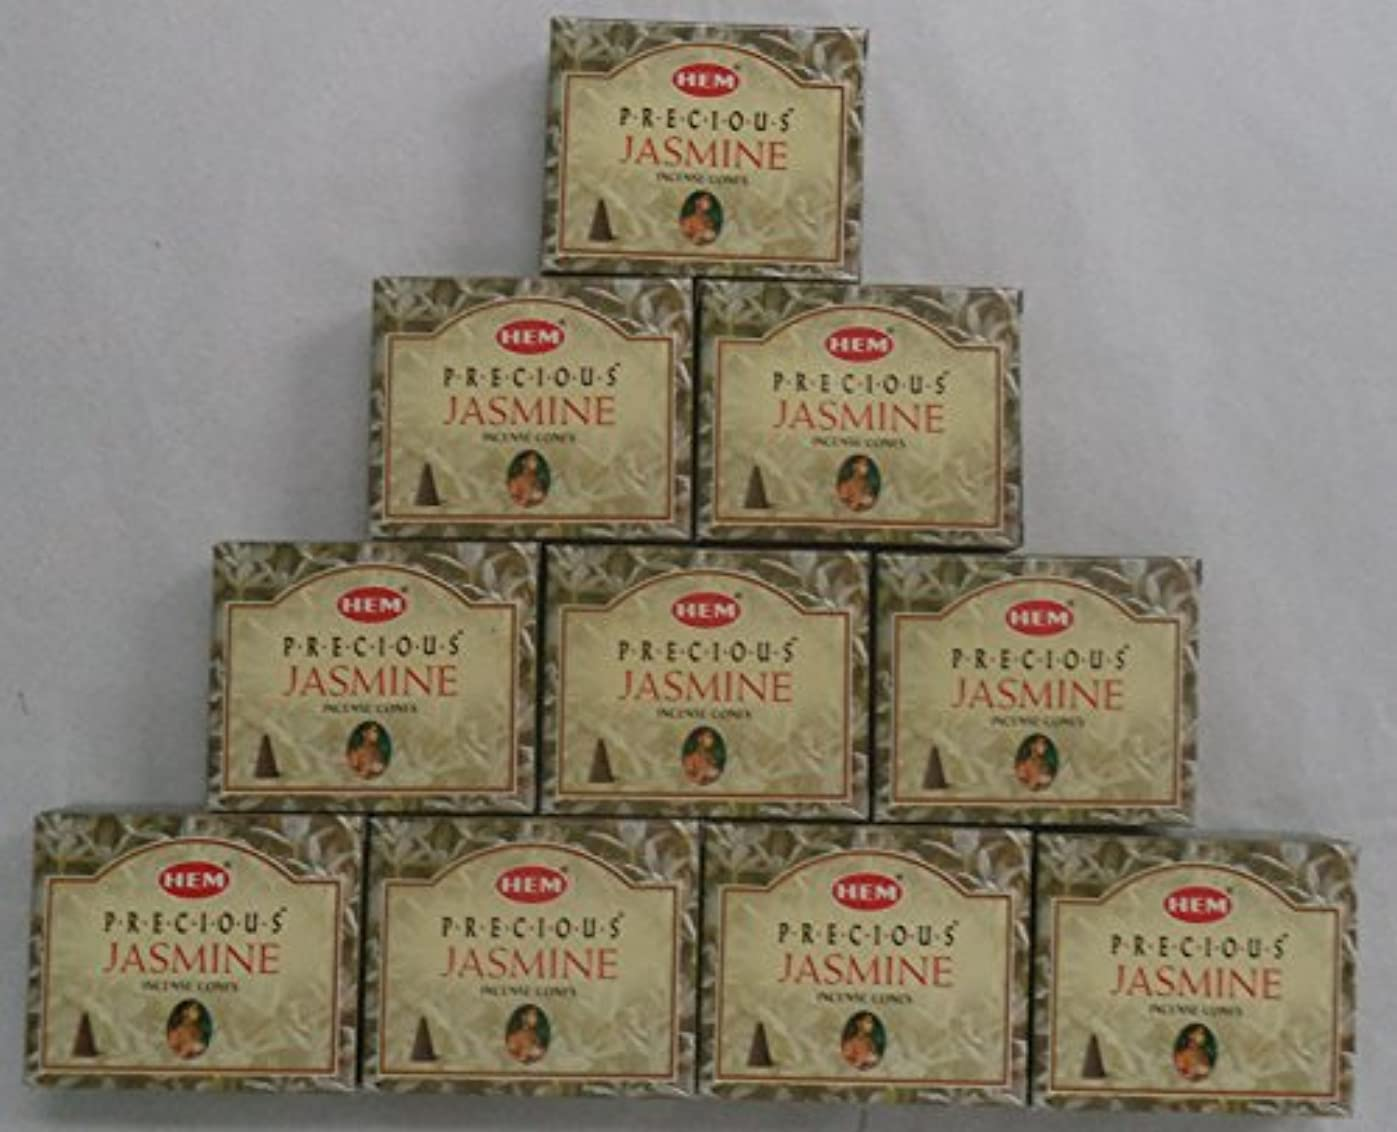 ゾーン許される頭蓋骨HEM Incense Cones: Precious Jasmine - 10 Packs of 10 = 100 Cones by Hem